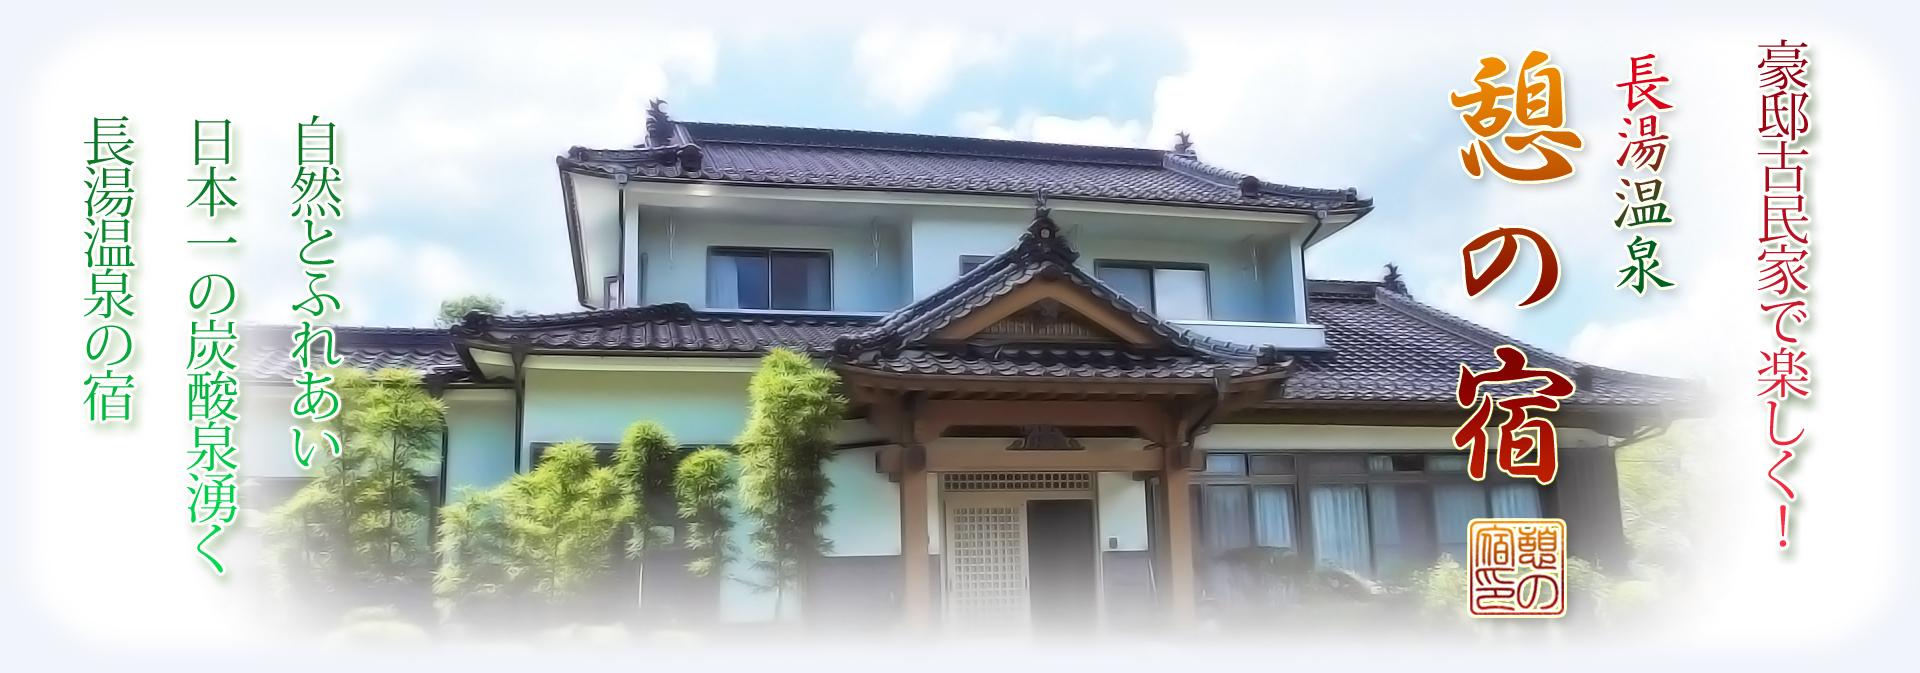 長湯温泉 憩の宿 豪邸古民家で楽しく民泊 おすすめの九州の温泉に宿泊して湯めぐりツアー